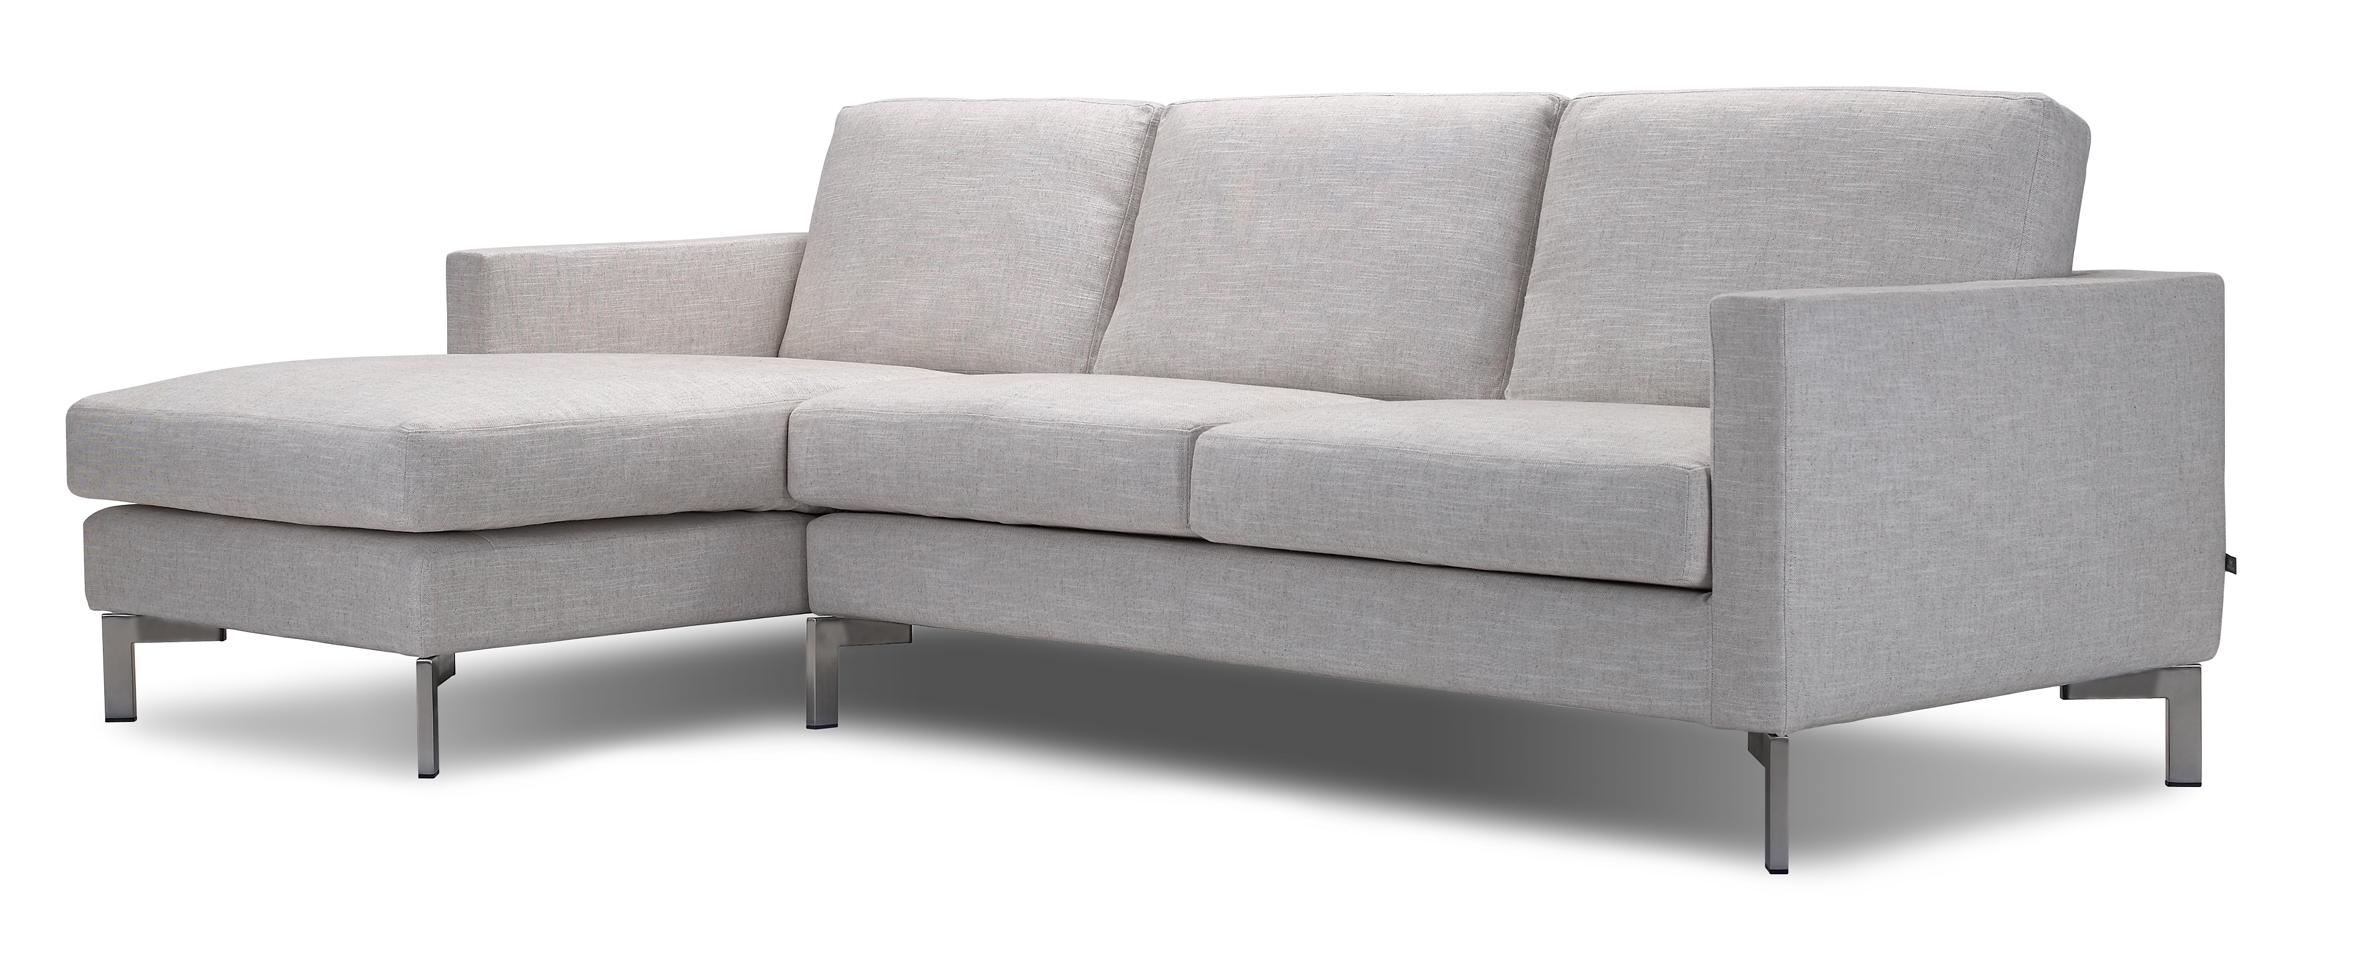 Buztic com schäslong soffa billig ~ Design Inspiration für die neueste Wohnkultur